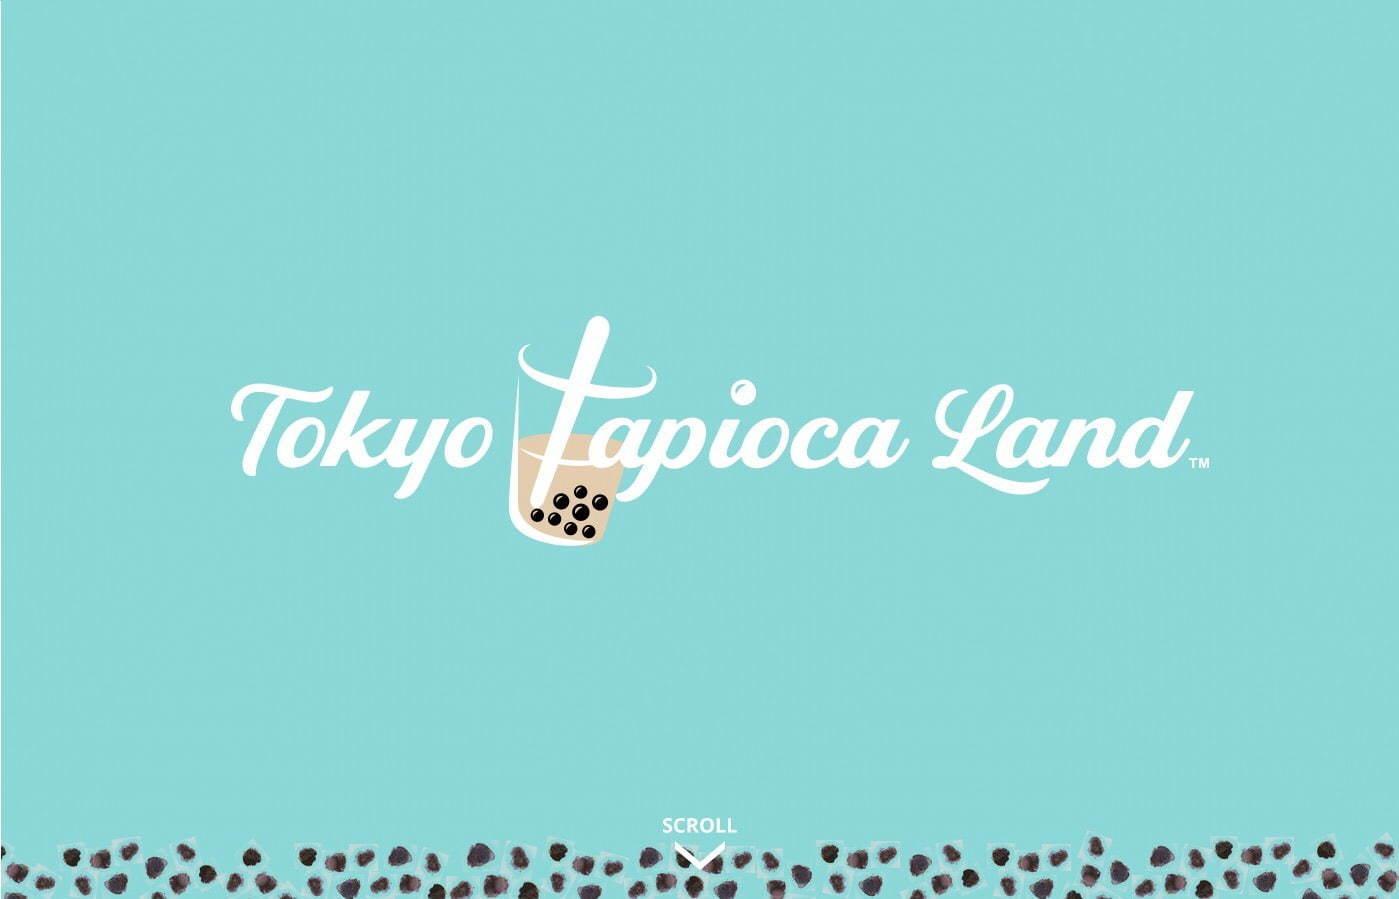 タピオカテーマパーク「東京タピオカランド」原宿に限定オープン、人気店が集結&多彩なフォトスポット - 写真1